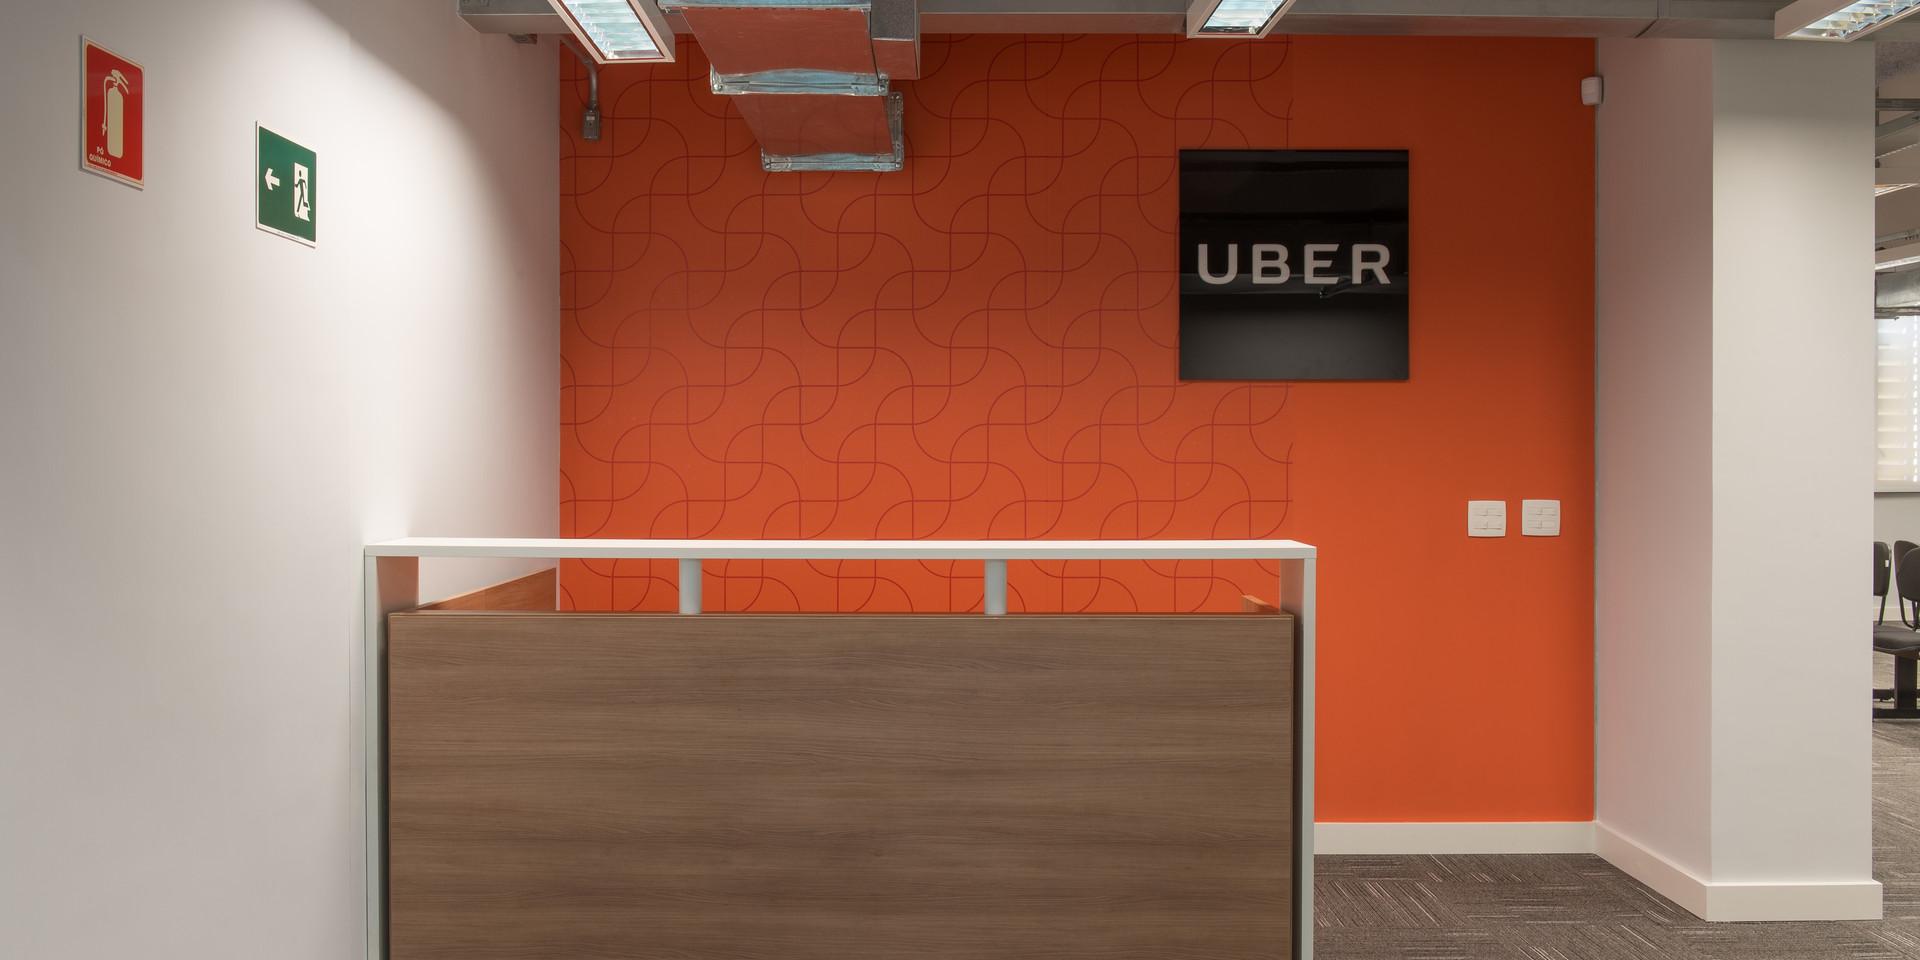 Uber Madureira